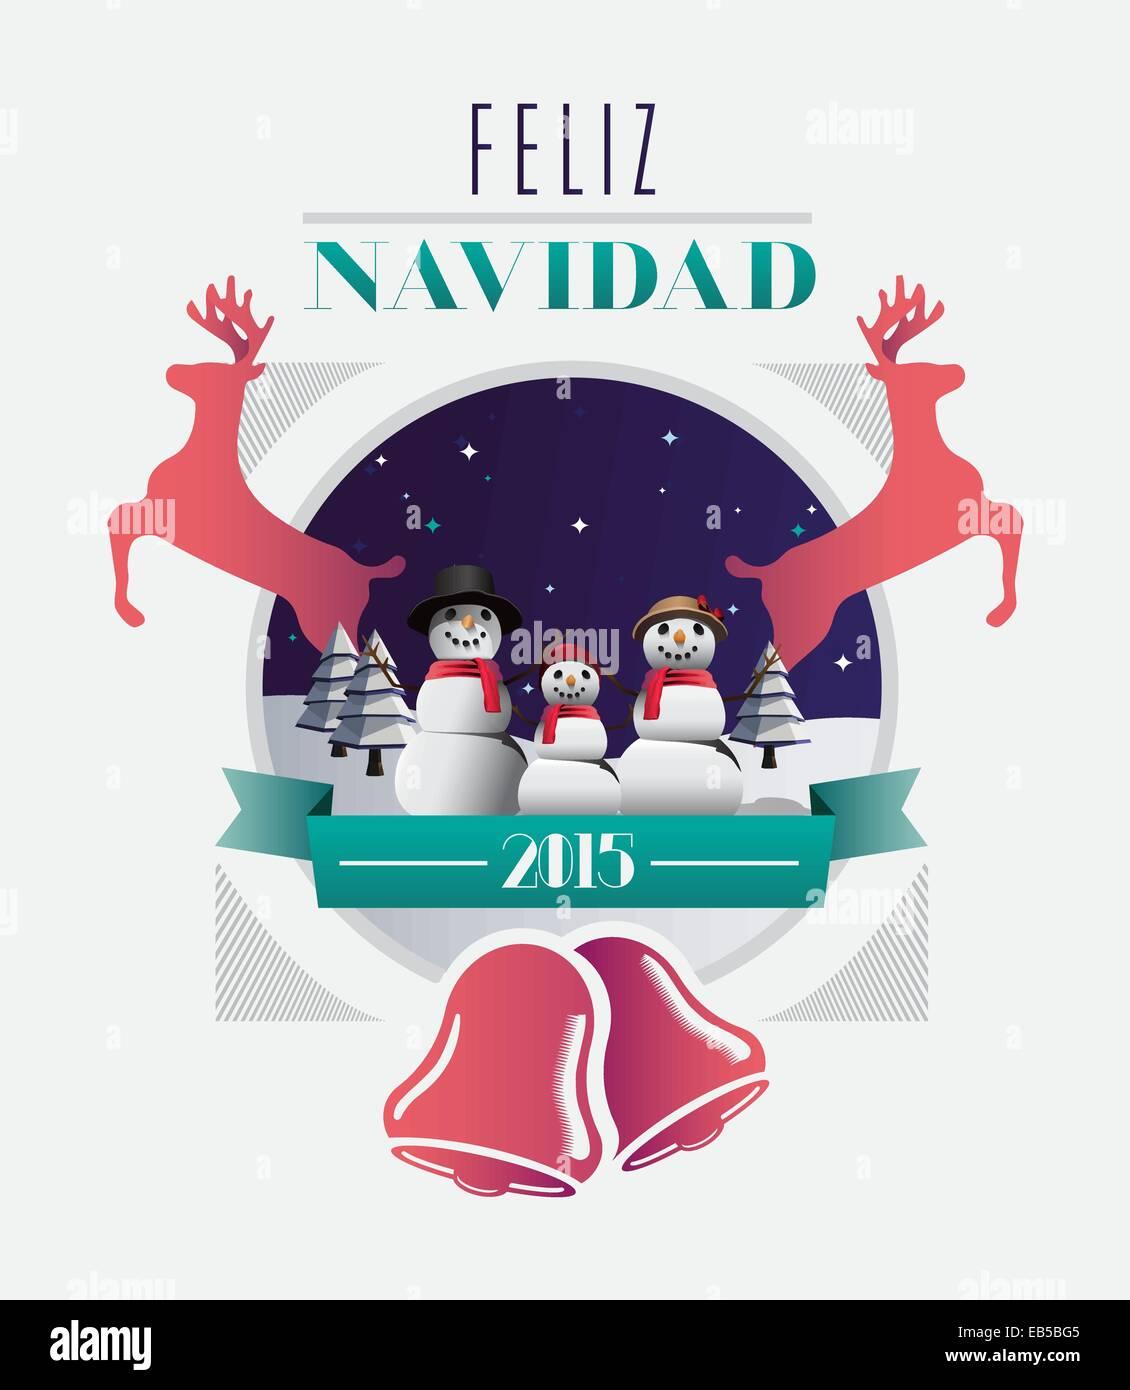 Feliz navidad mensaje con ilustraciones Imagen De Stock